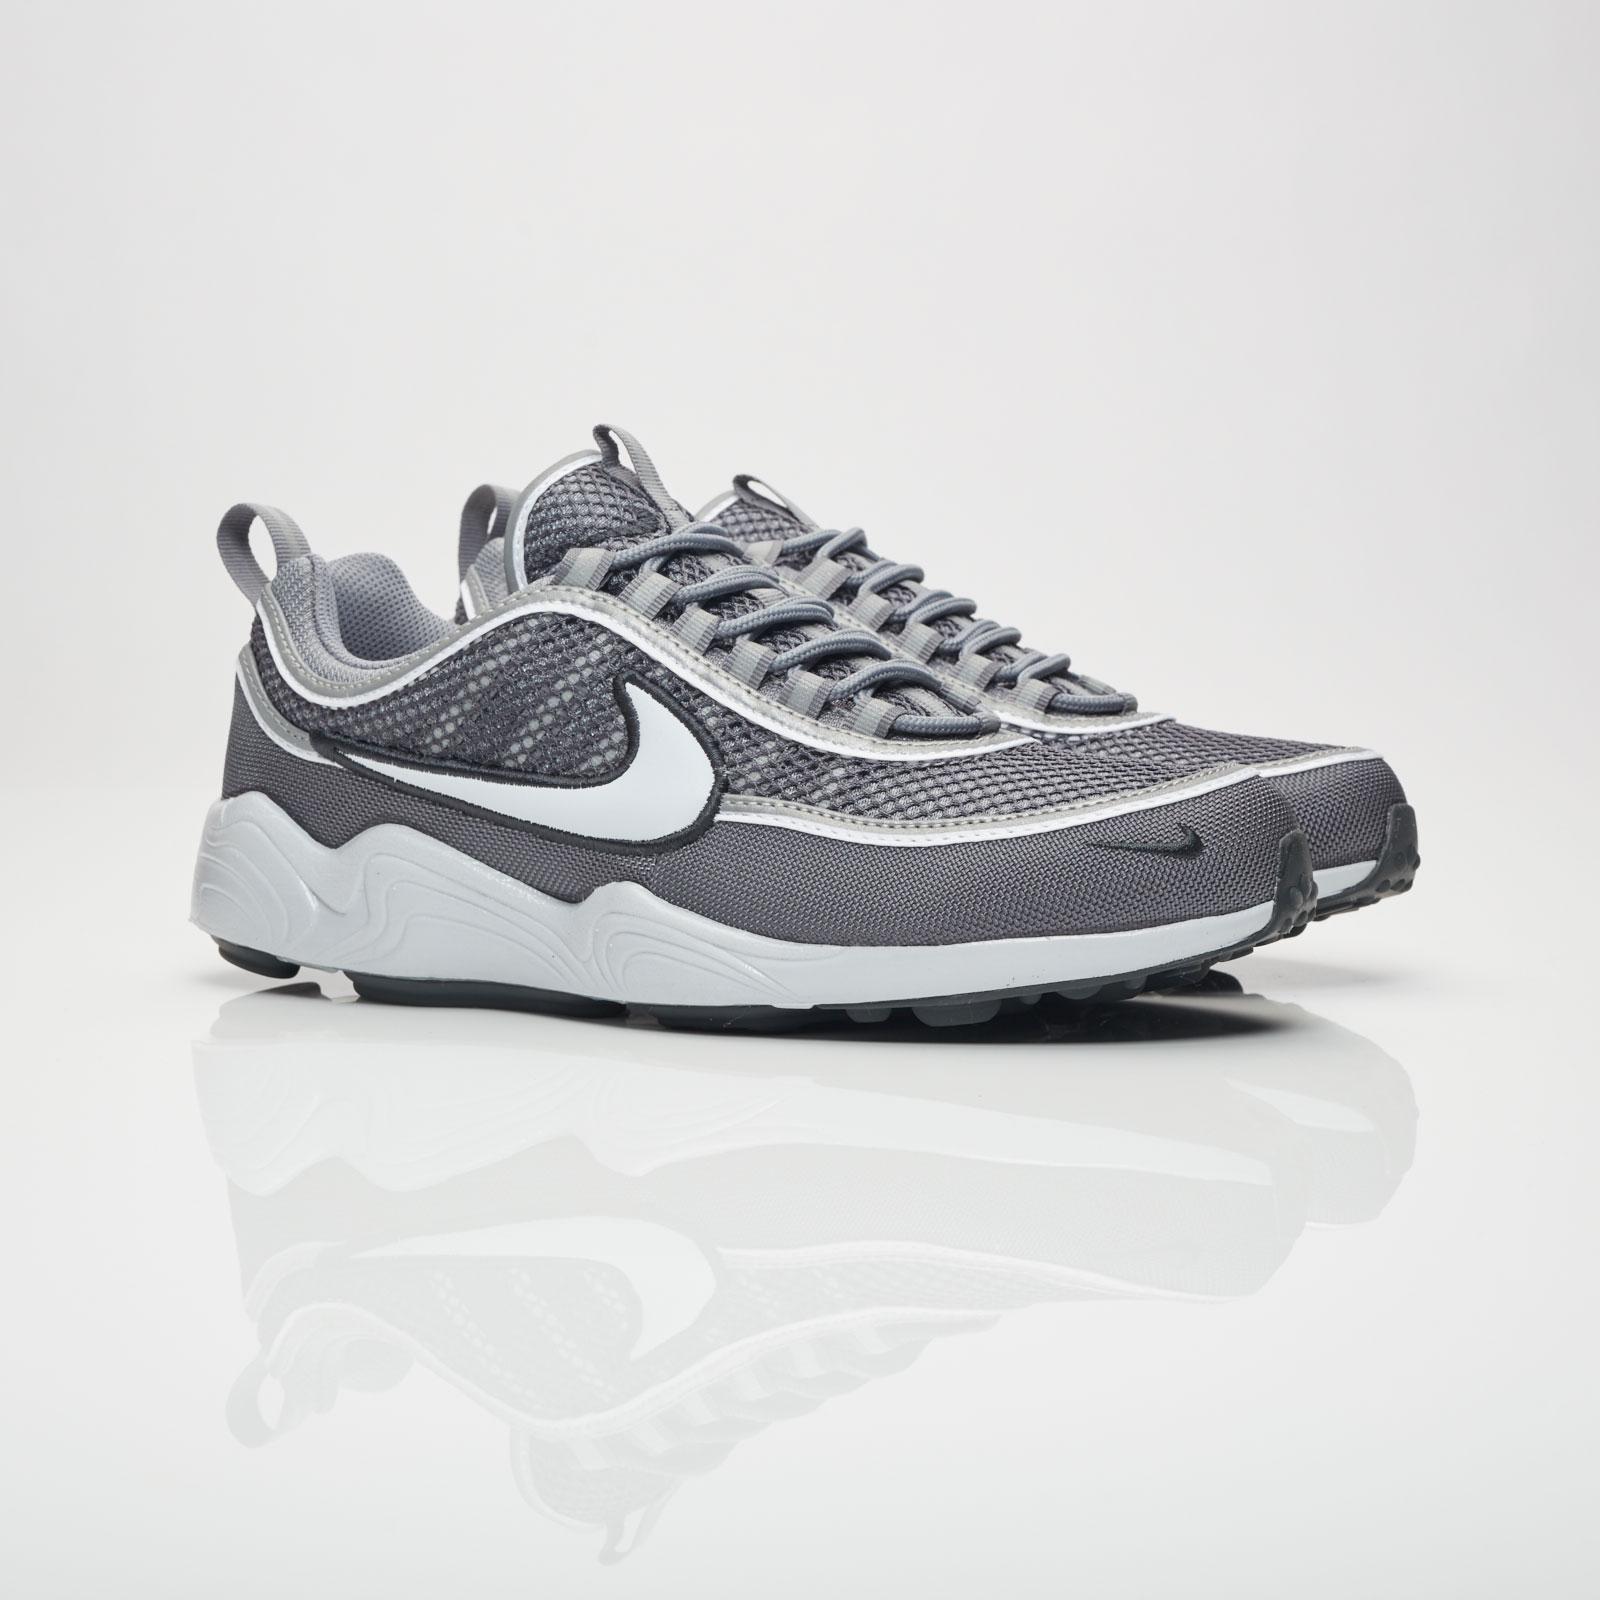 927773191458c Nike Air Zoom Spiridon 16 - 926955-002 - Sneakersnstuff